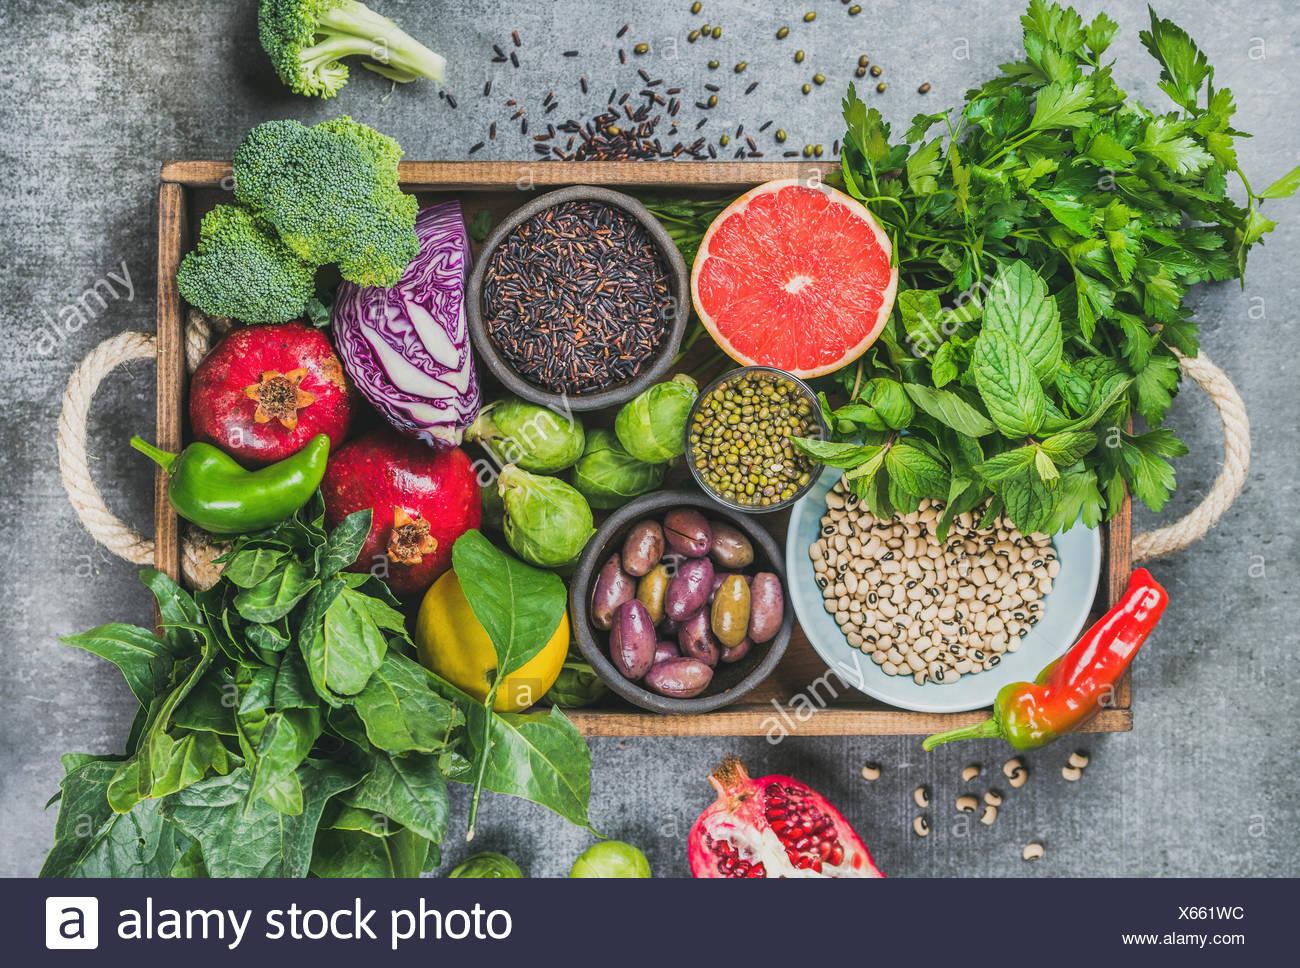 Verduras frescas y frutas, semillas, cereales, legumbres, especias, fuentes alimenticias, hierbas condimento en caja de madera para veganas, allergy-friendly, limpio, comer vege Imagen De Stock